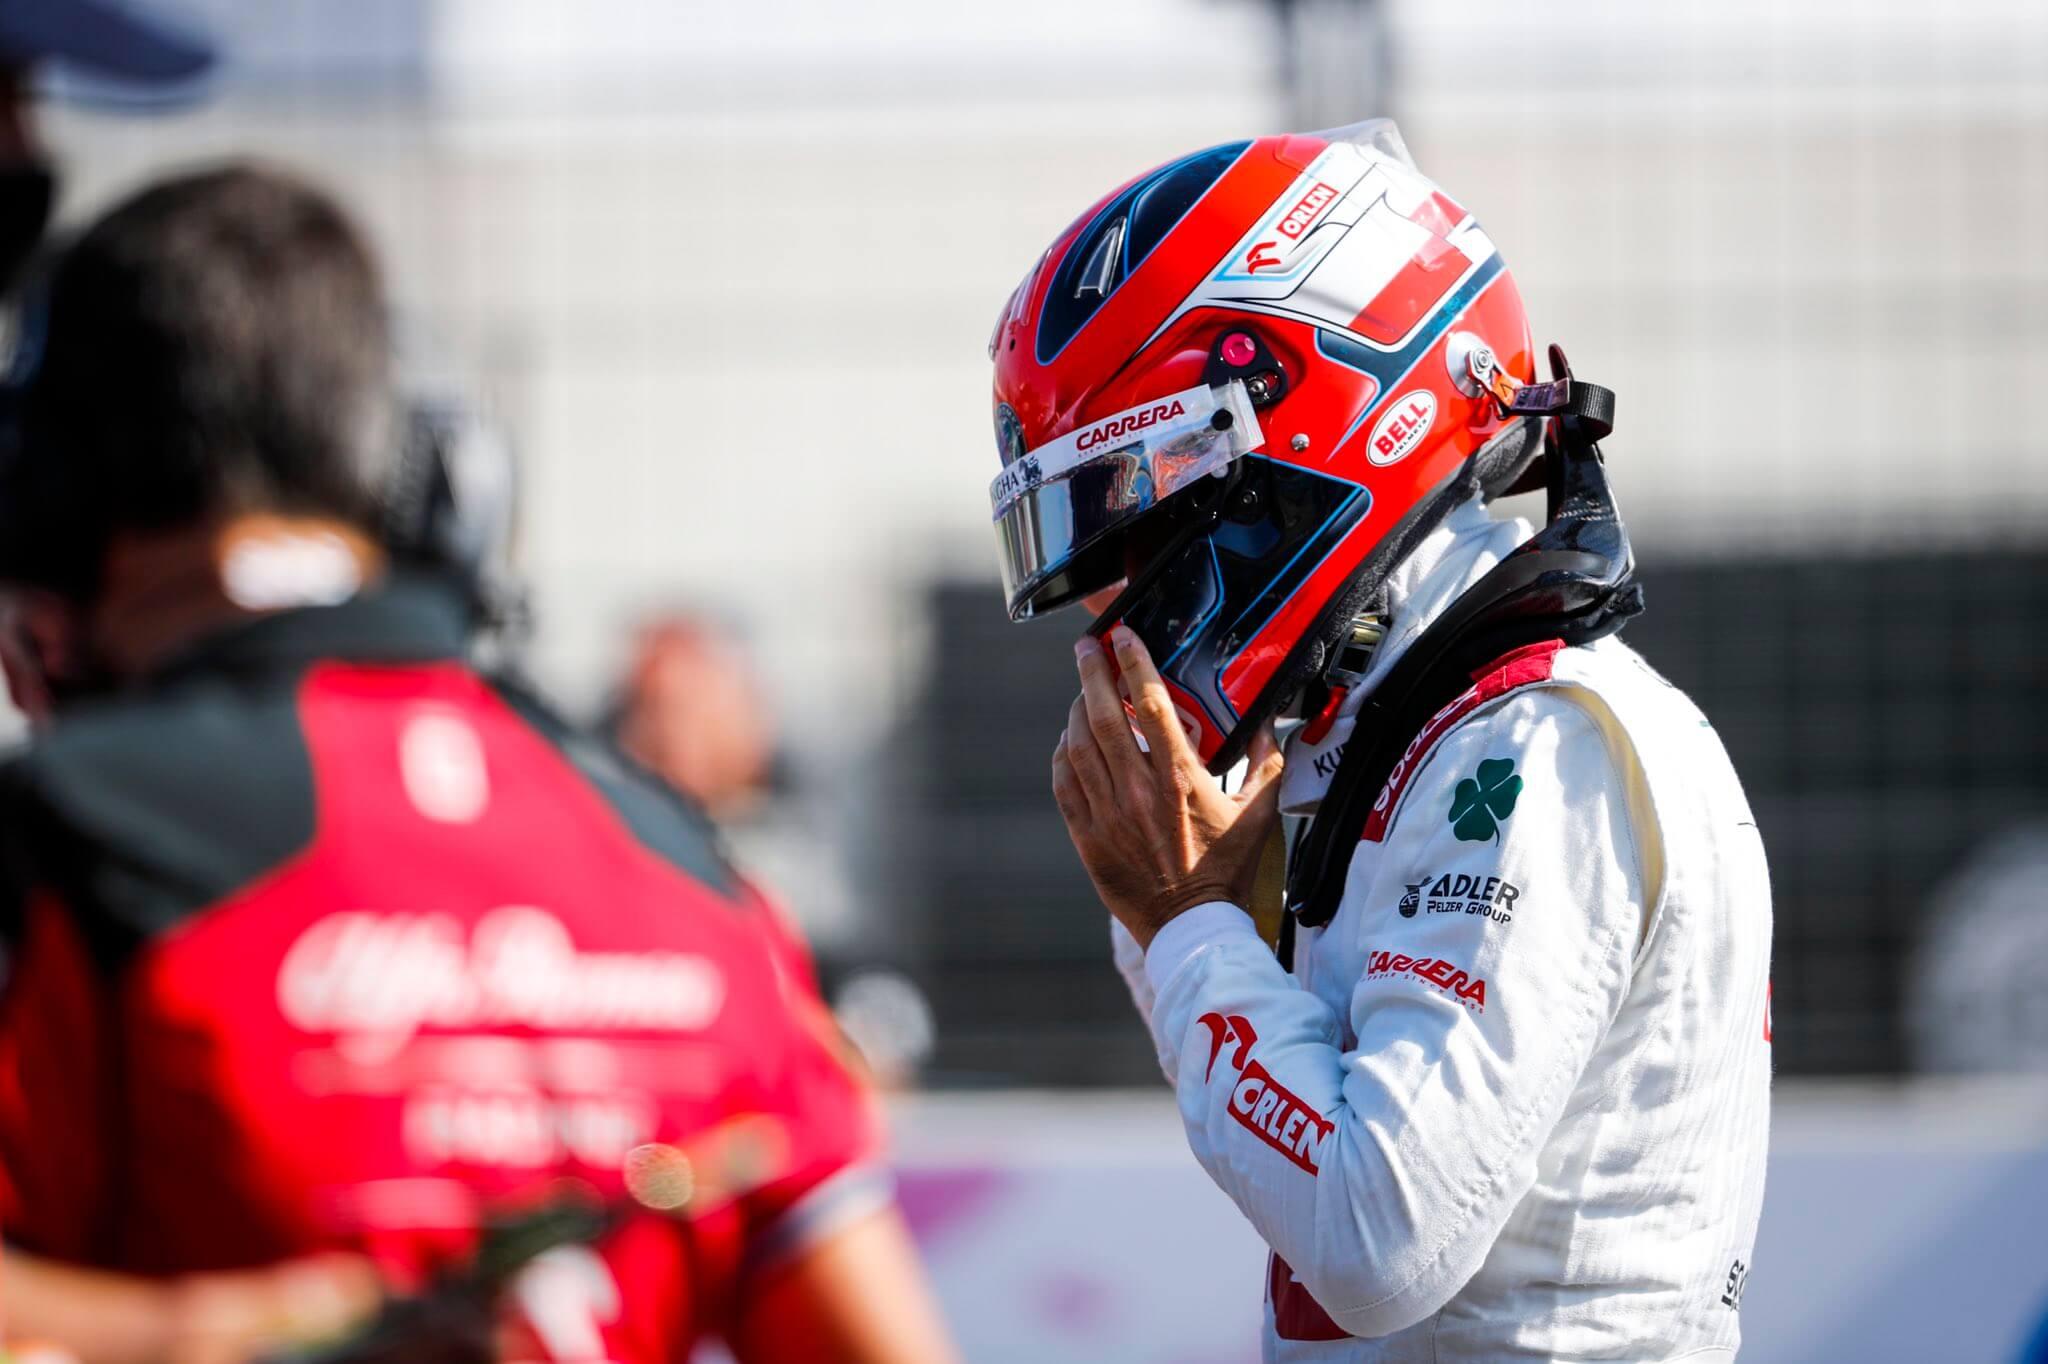 Robert Kubica sustituirá nuevamente a Räikkönen en el próximo Gran Premio de Italia